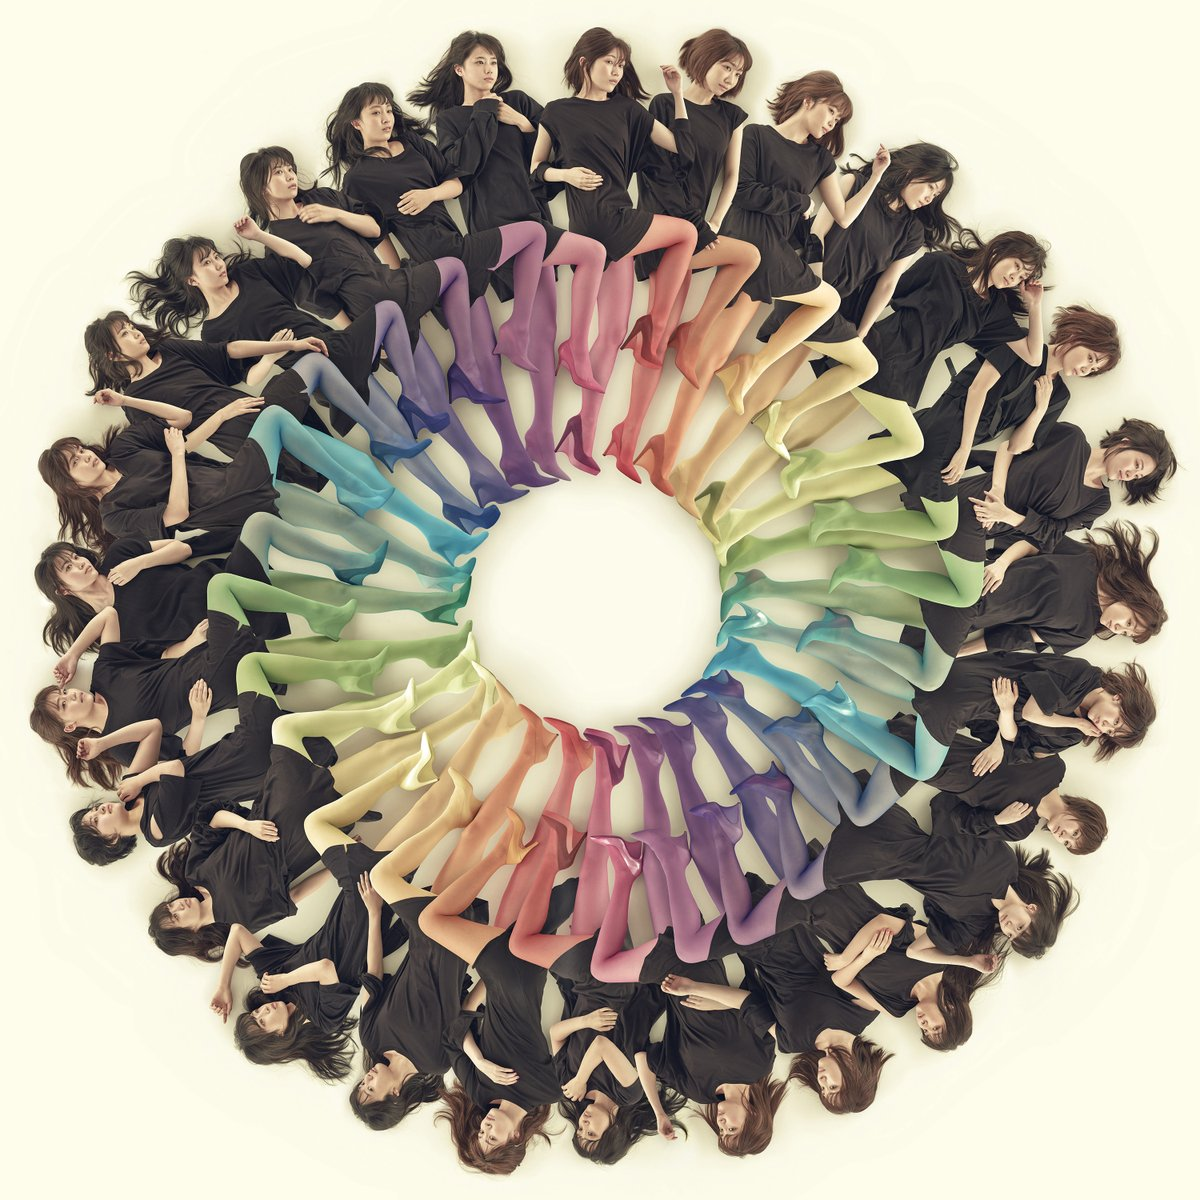 【AKB48G】各グループの新エース AKB「ゆい小栗」、SKE「ゆな小畑」、NMB「ゆうり太田」、NGT「ゆか荻野」、HKT「ゆ???」